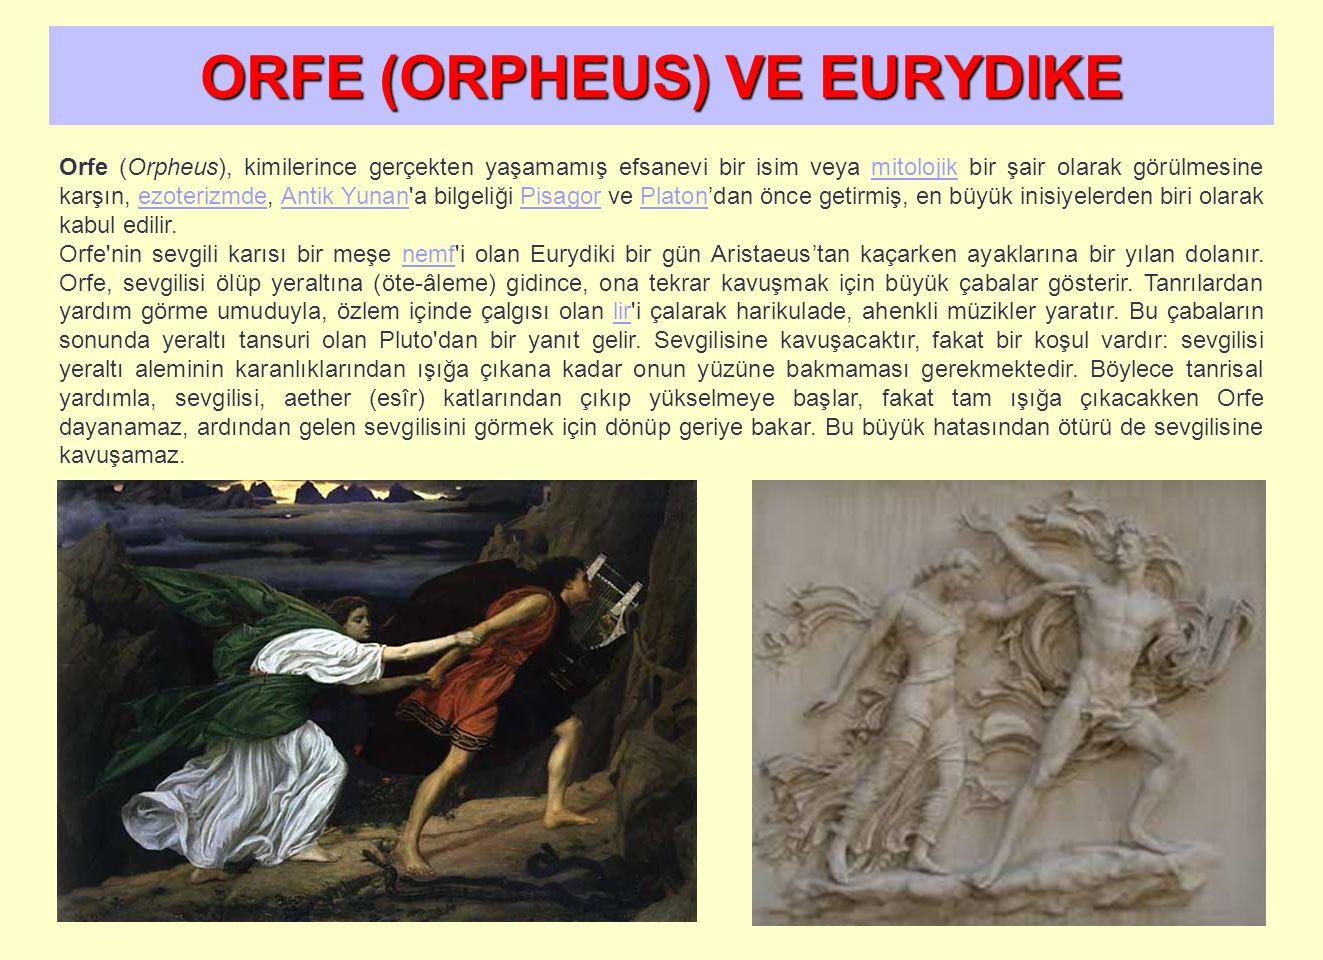 ORFE (ORPHEUS) VE EURYDIKE Orfe (Orpheus), kimilerince gerçekten yaşamamış efsanevi bir isim veya mitolojik bir şair olarak görülmesine karşın, ezoter